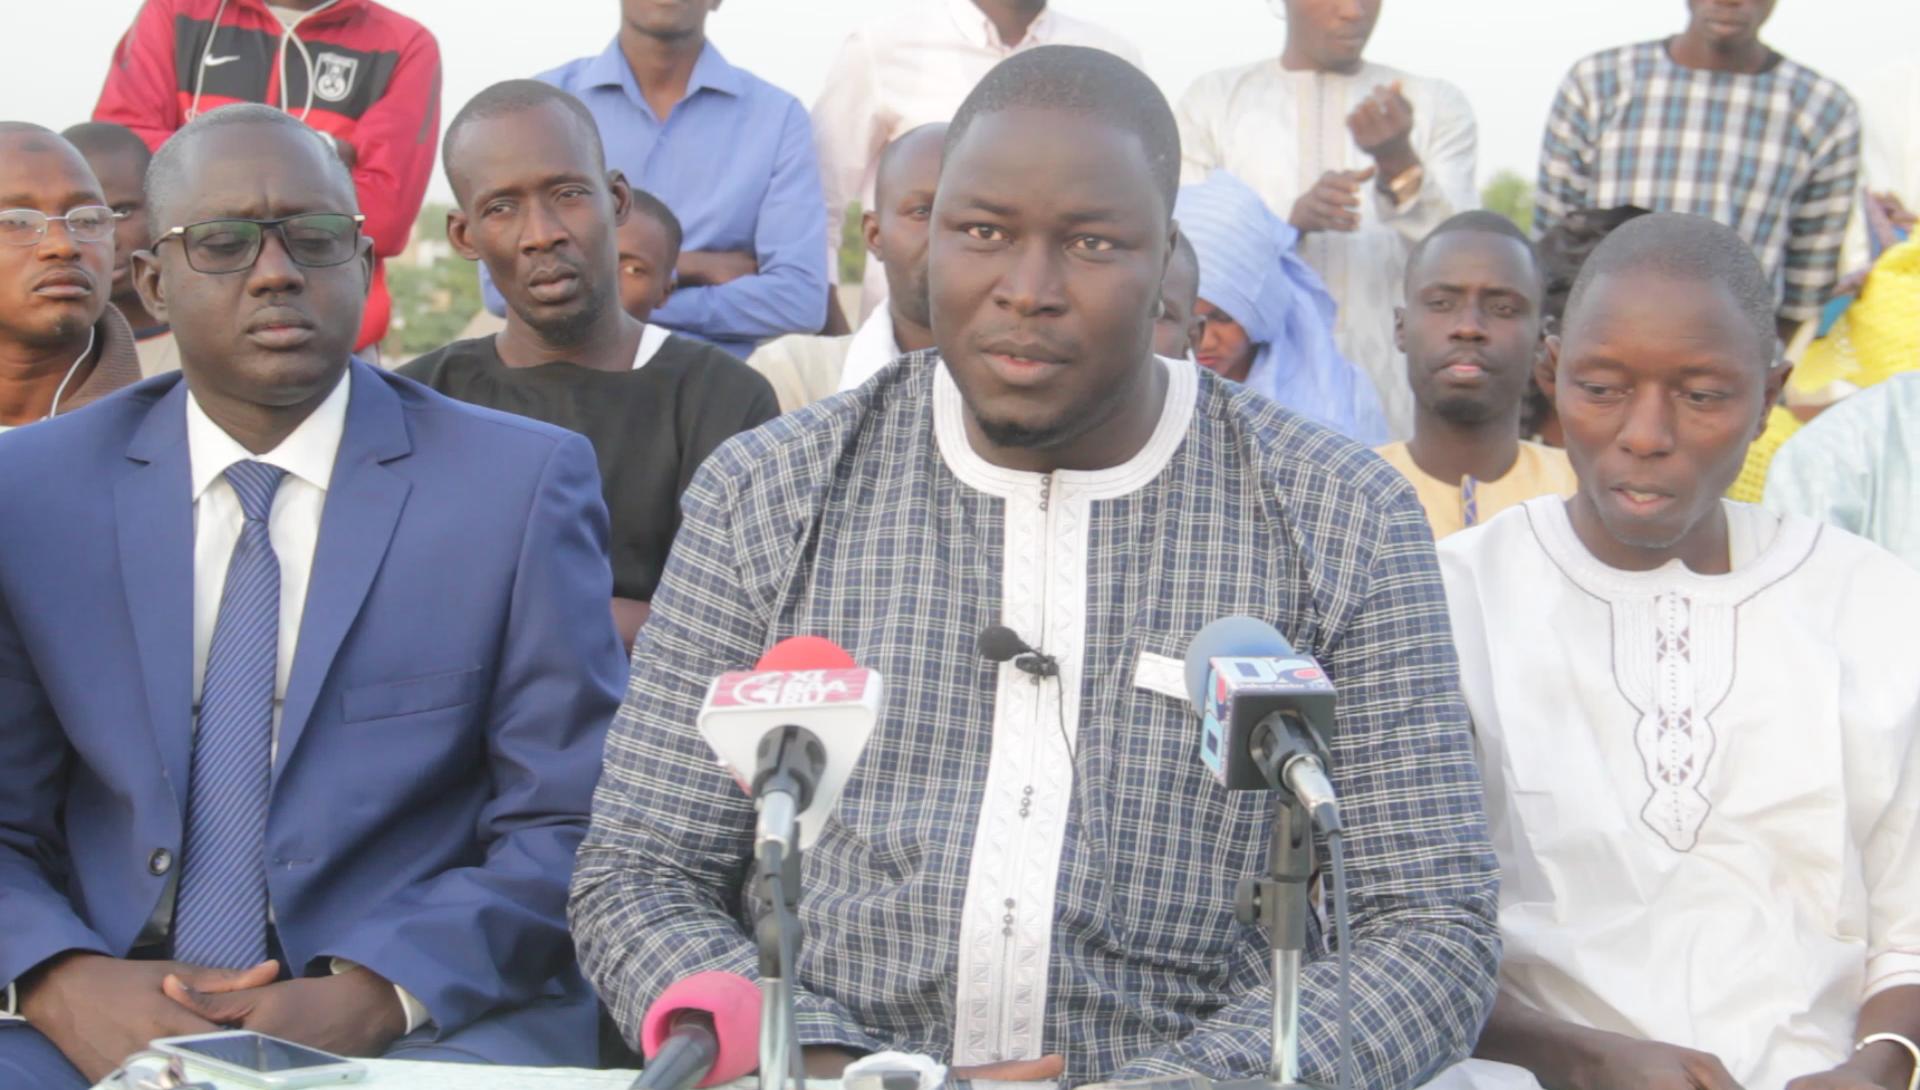 Meeting des jeunes de l'Apr de Touba-Mbacké : Moustapha Cissé Lô interdit à ses militants d'y prendre part